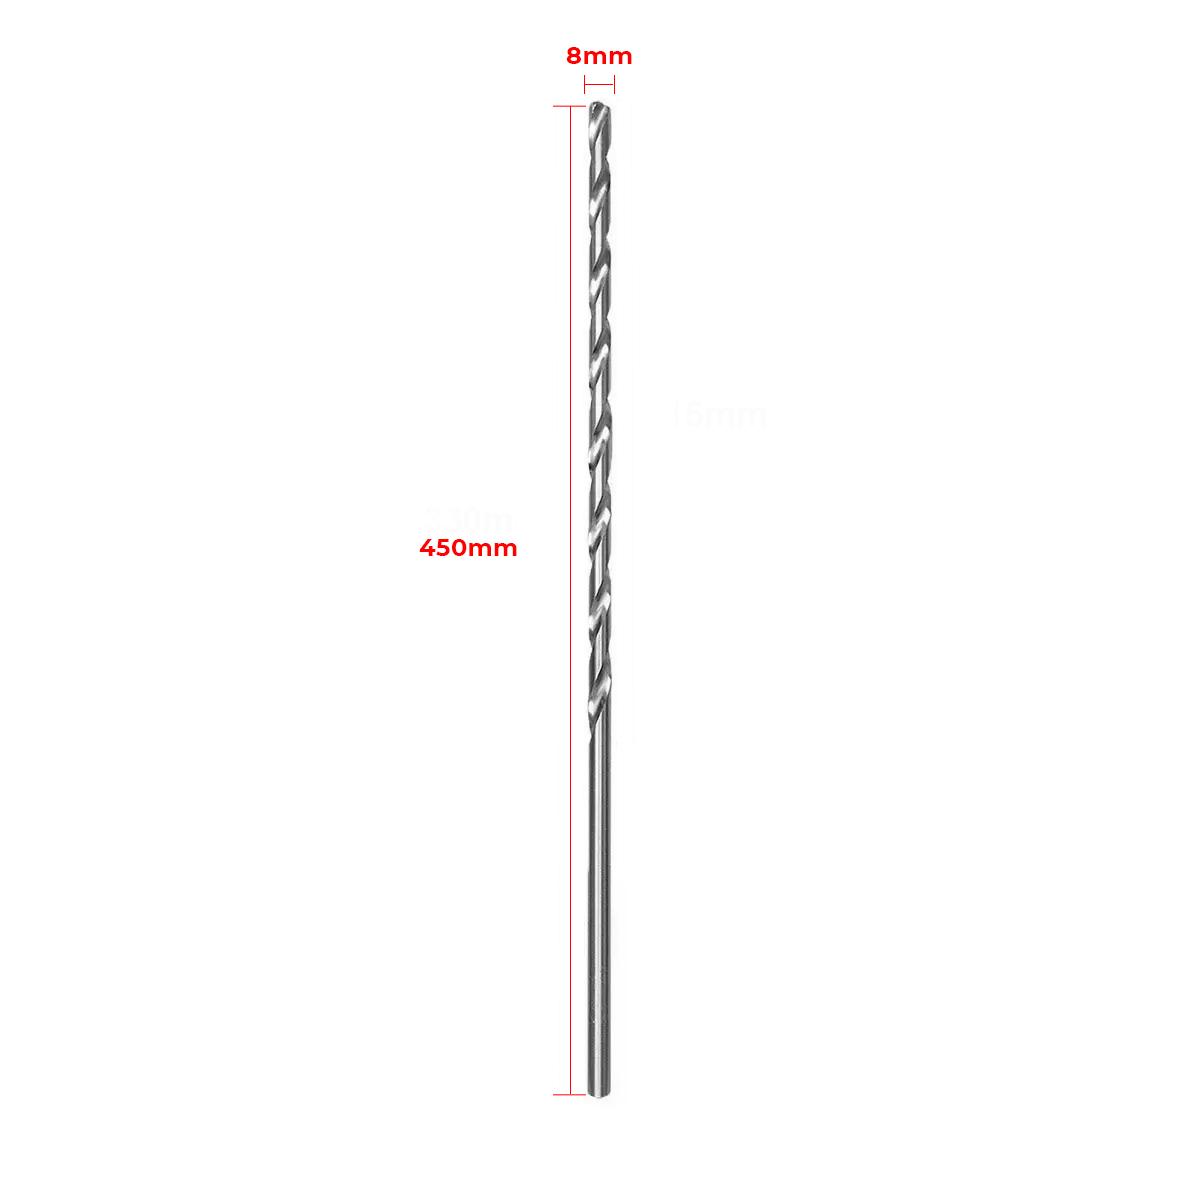 Broca Ht Plus Para Marteletes Concreto Alvenaria 8 X 450Mm